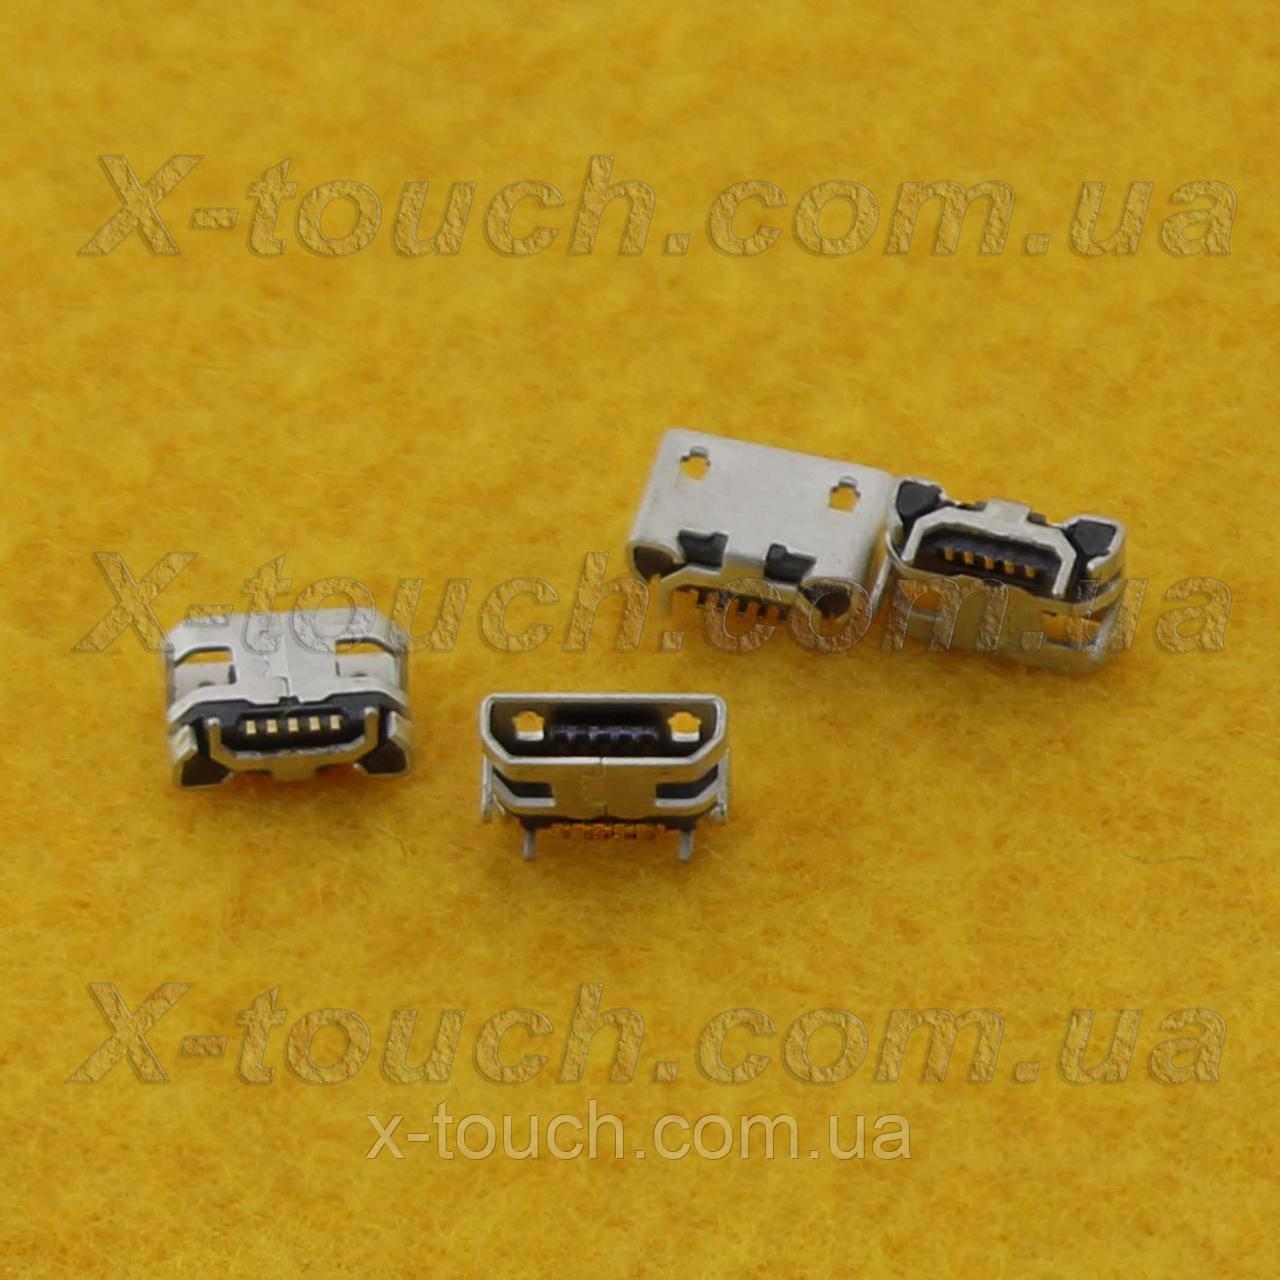 Разъемmicro-B USB BF 5pin без бортика